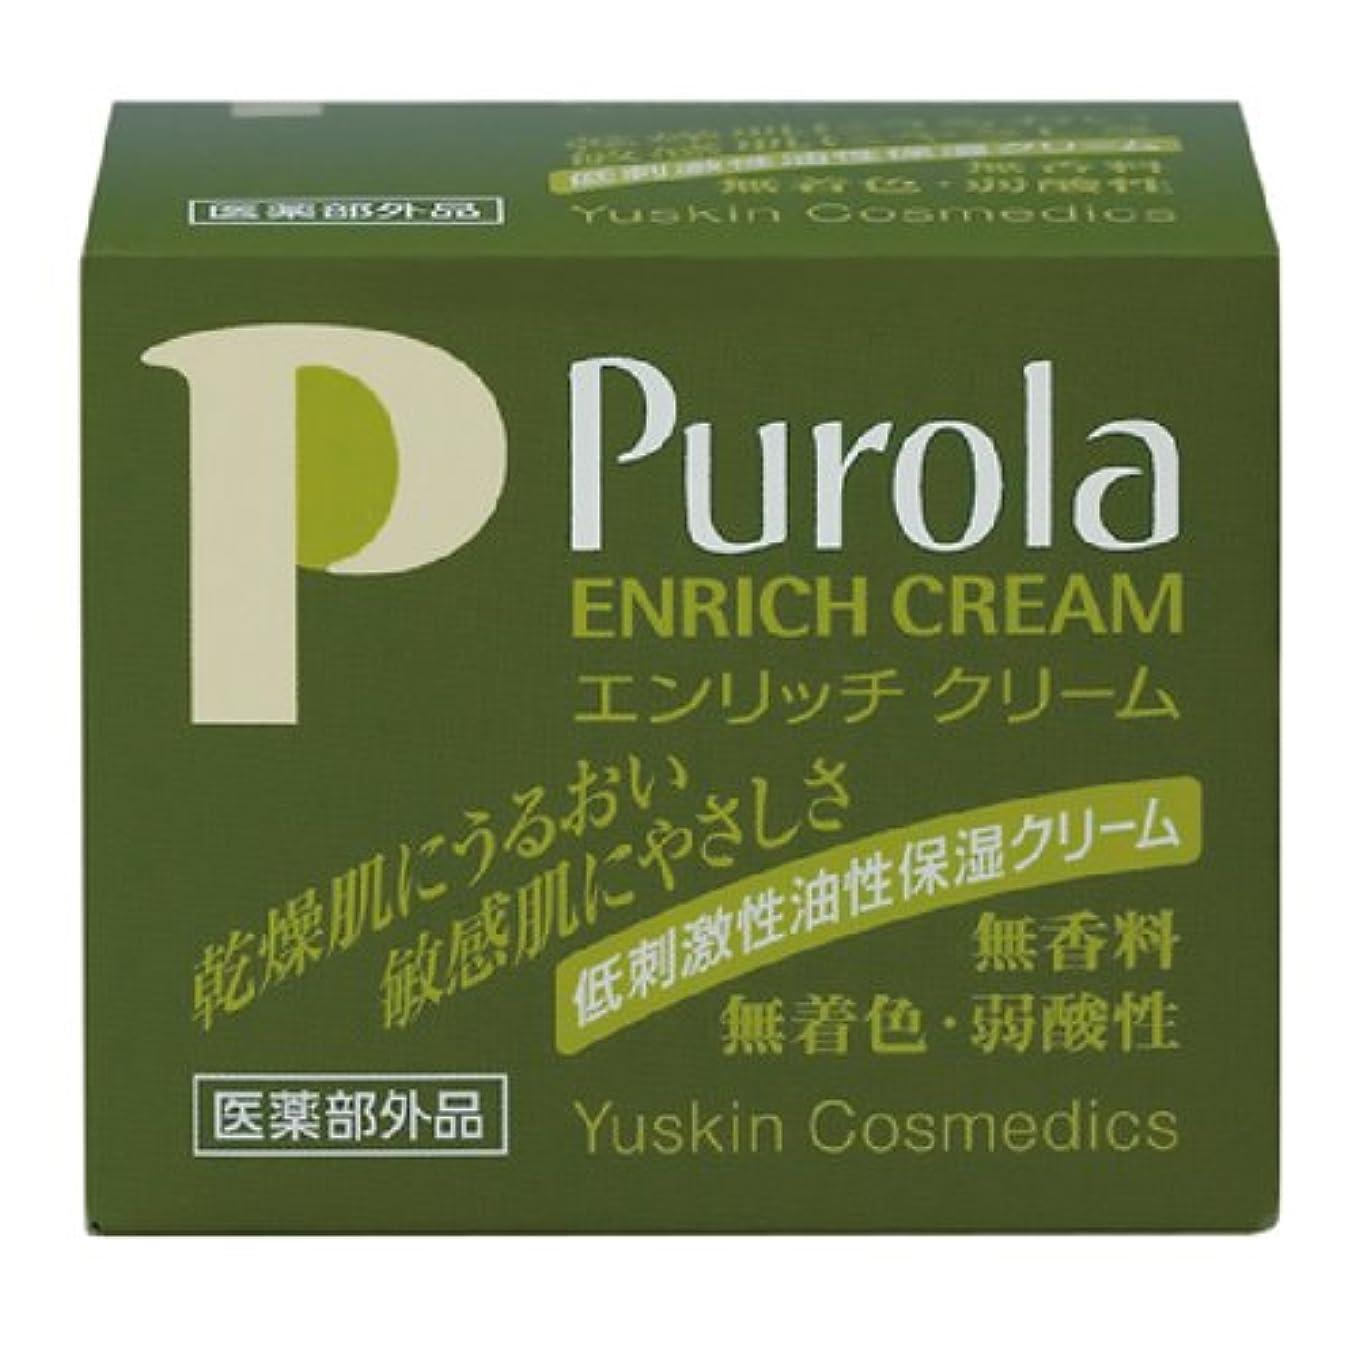 プロポーショナル予防接種する瞑想的プローラ 薬用エンリッチクリームa 67g